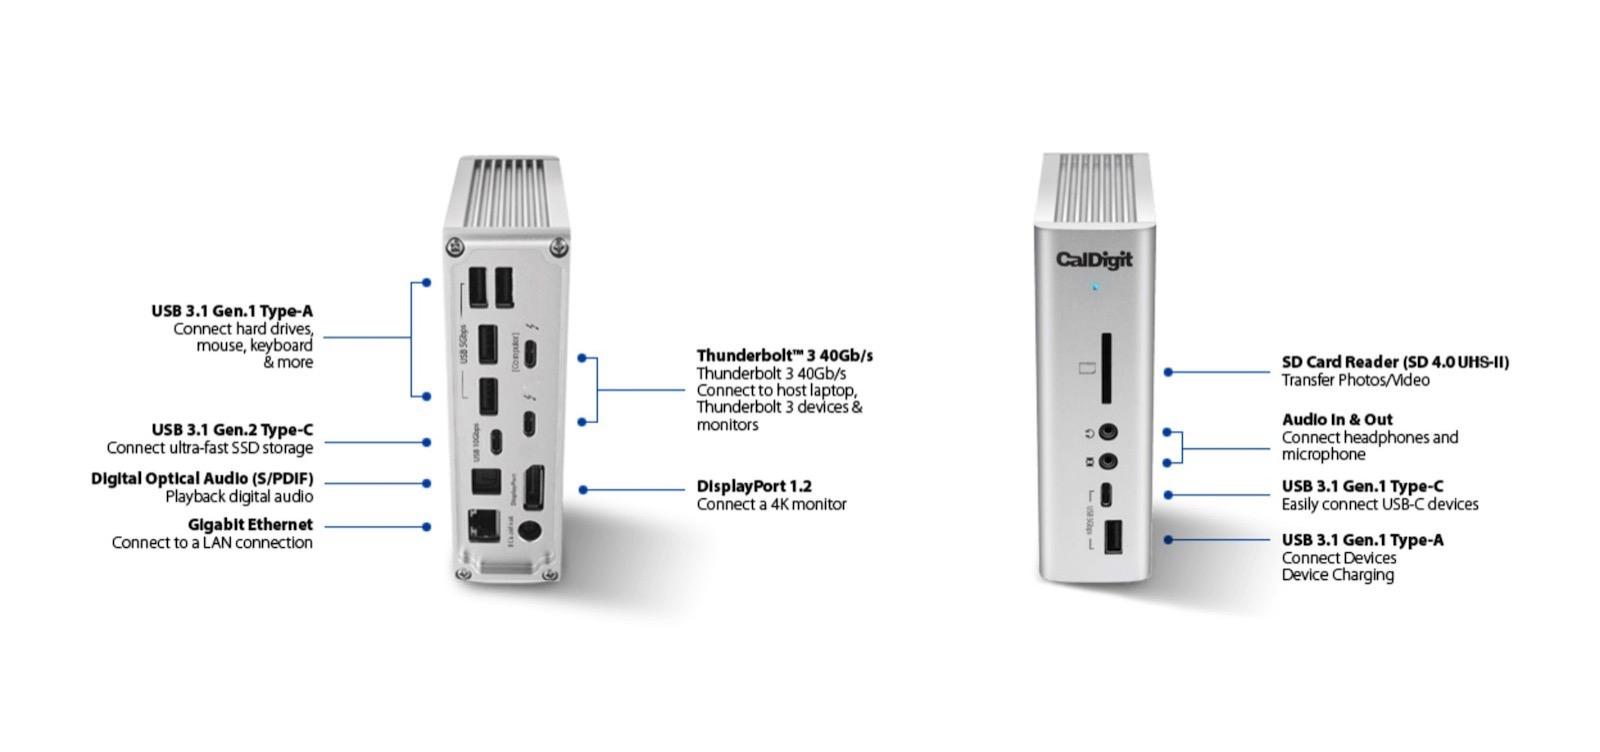 Caldigit TS3 Plus Ports